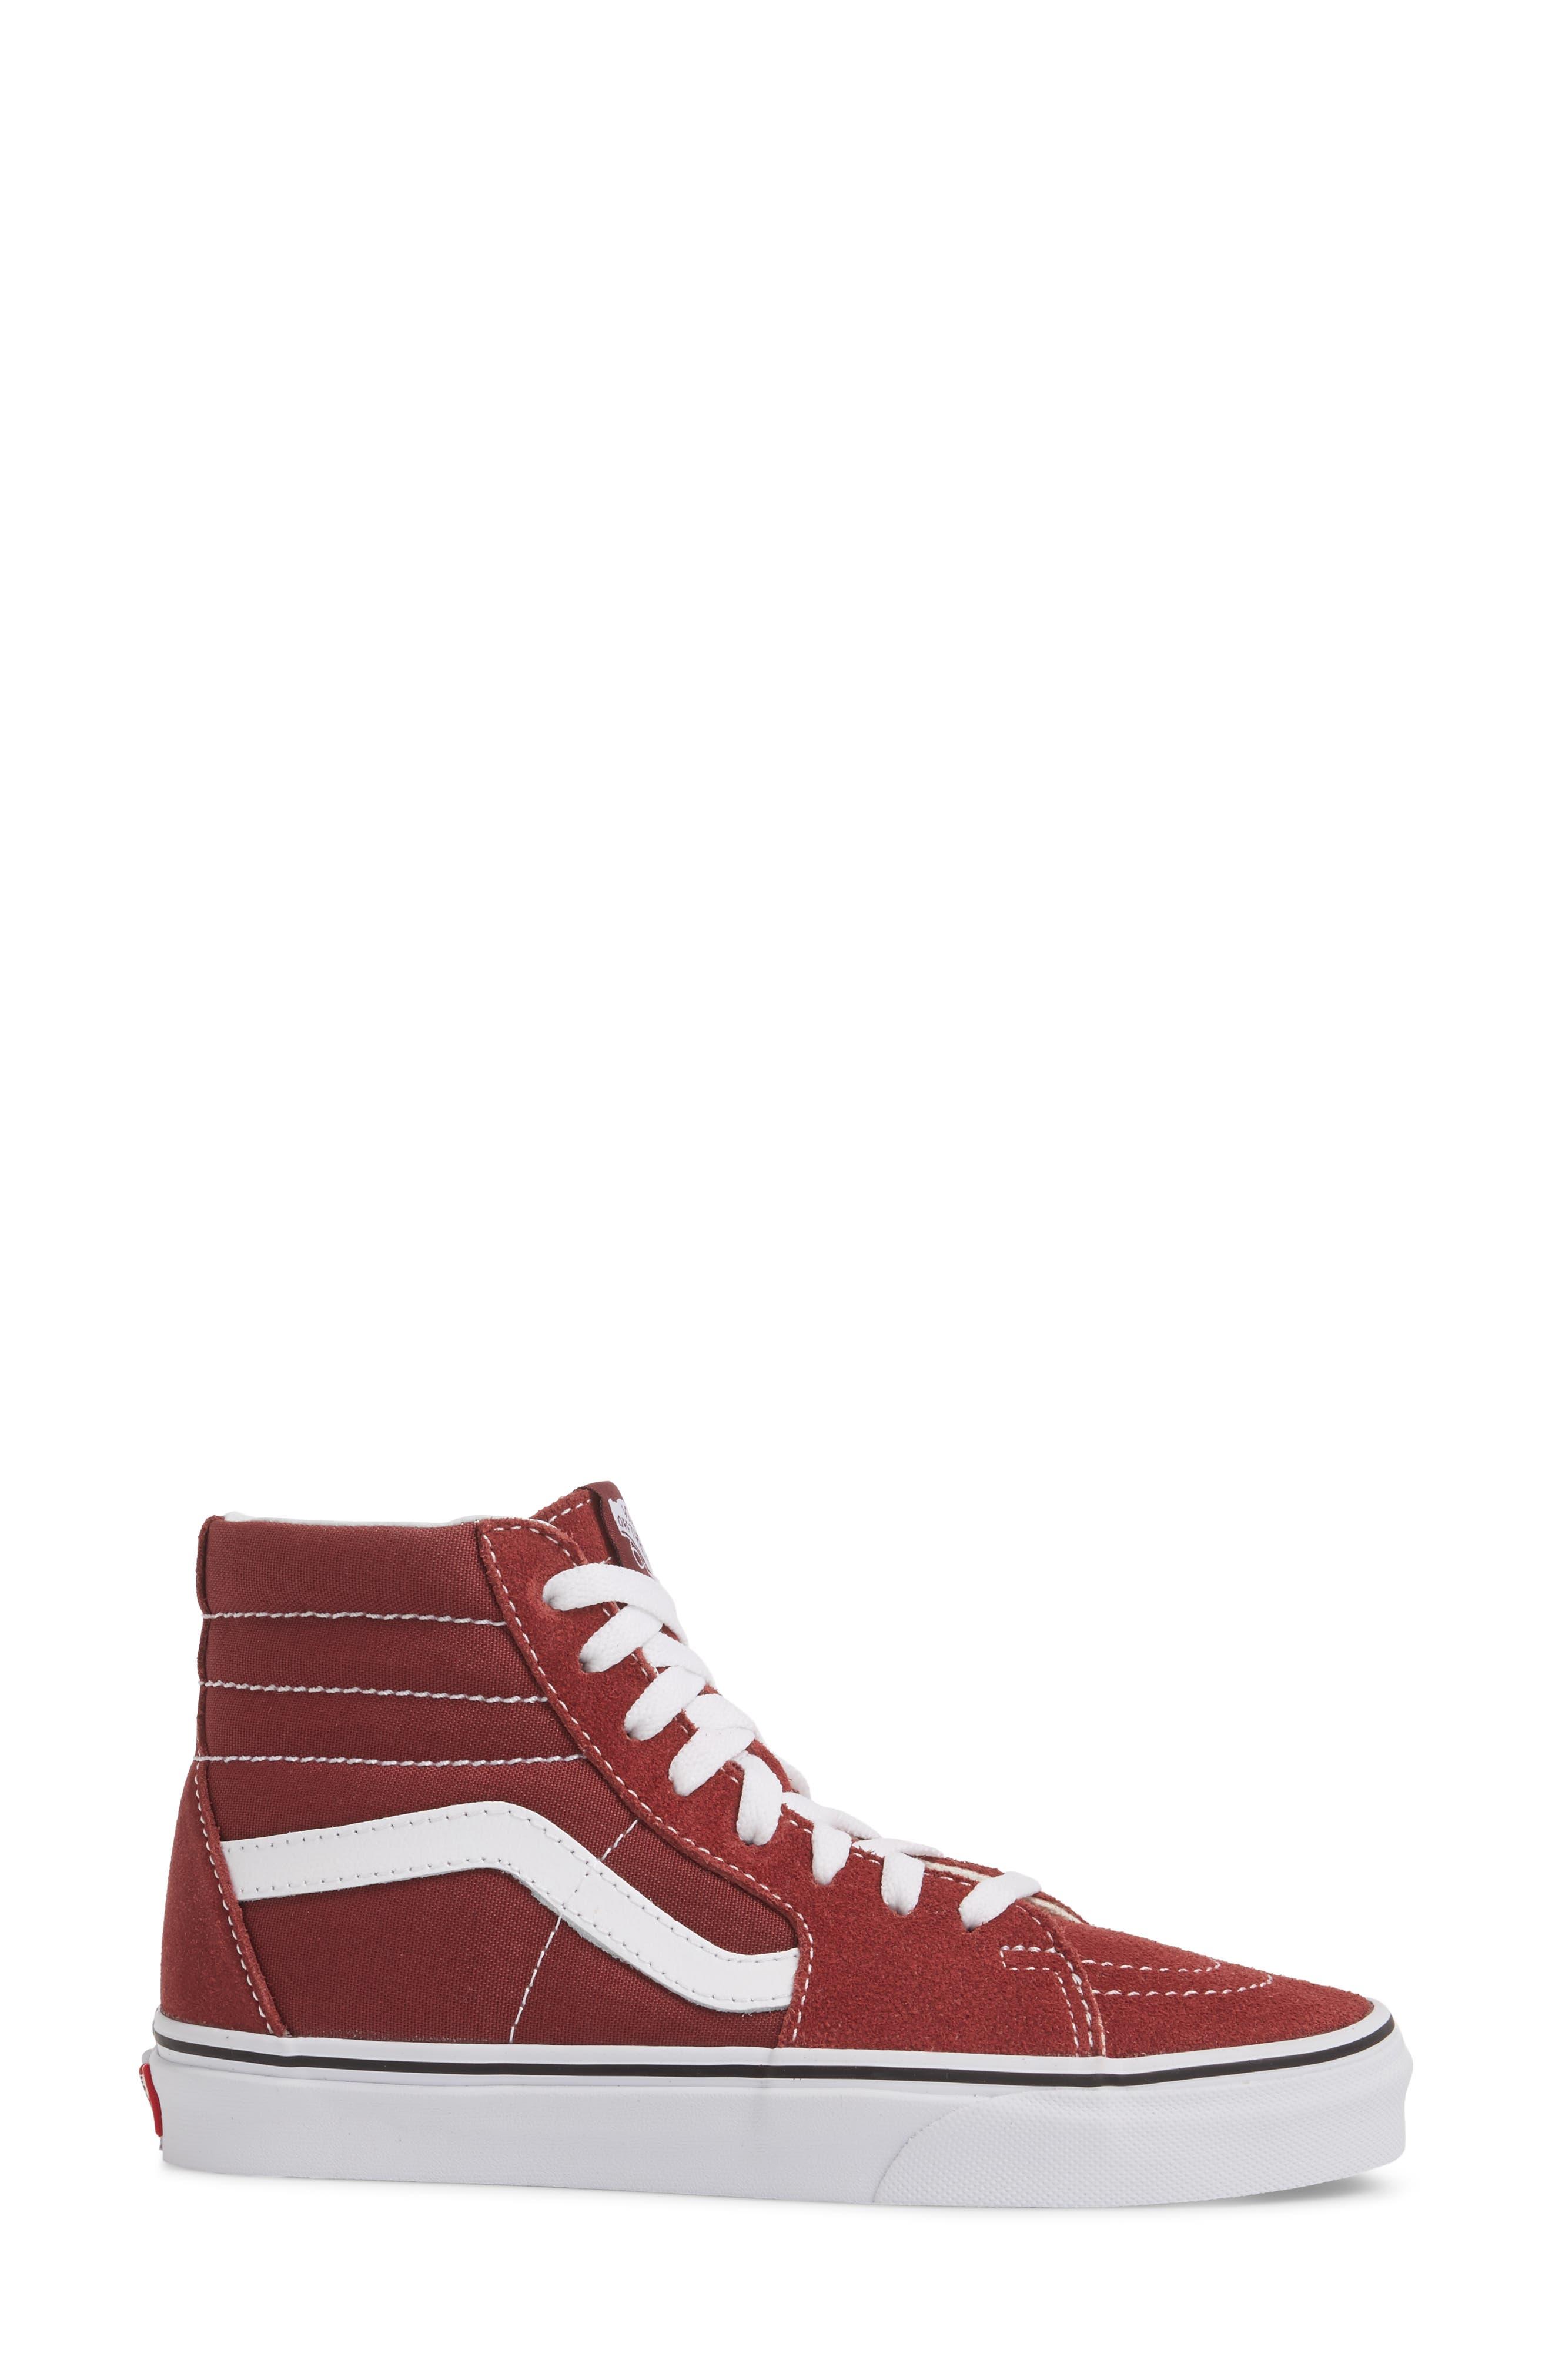 'Sk8-Hi Slim' Sneaker,                             Alternate thumbnail 3, color,                             Apple Butter/ True White